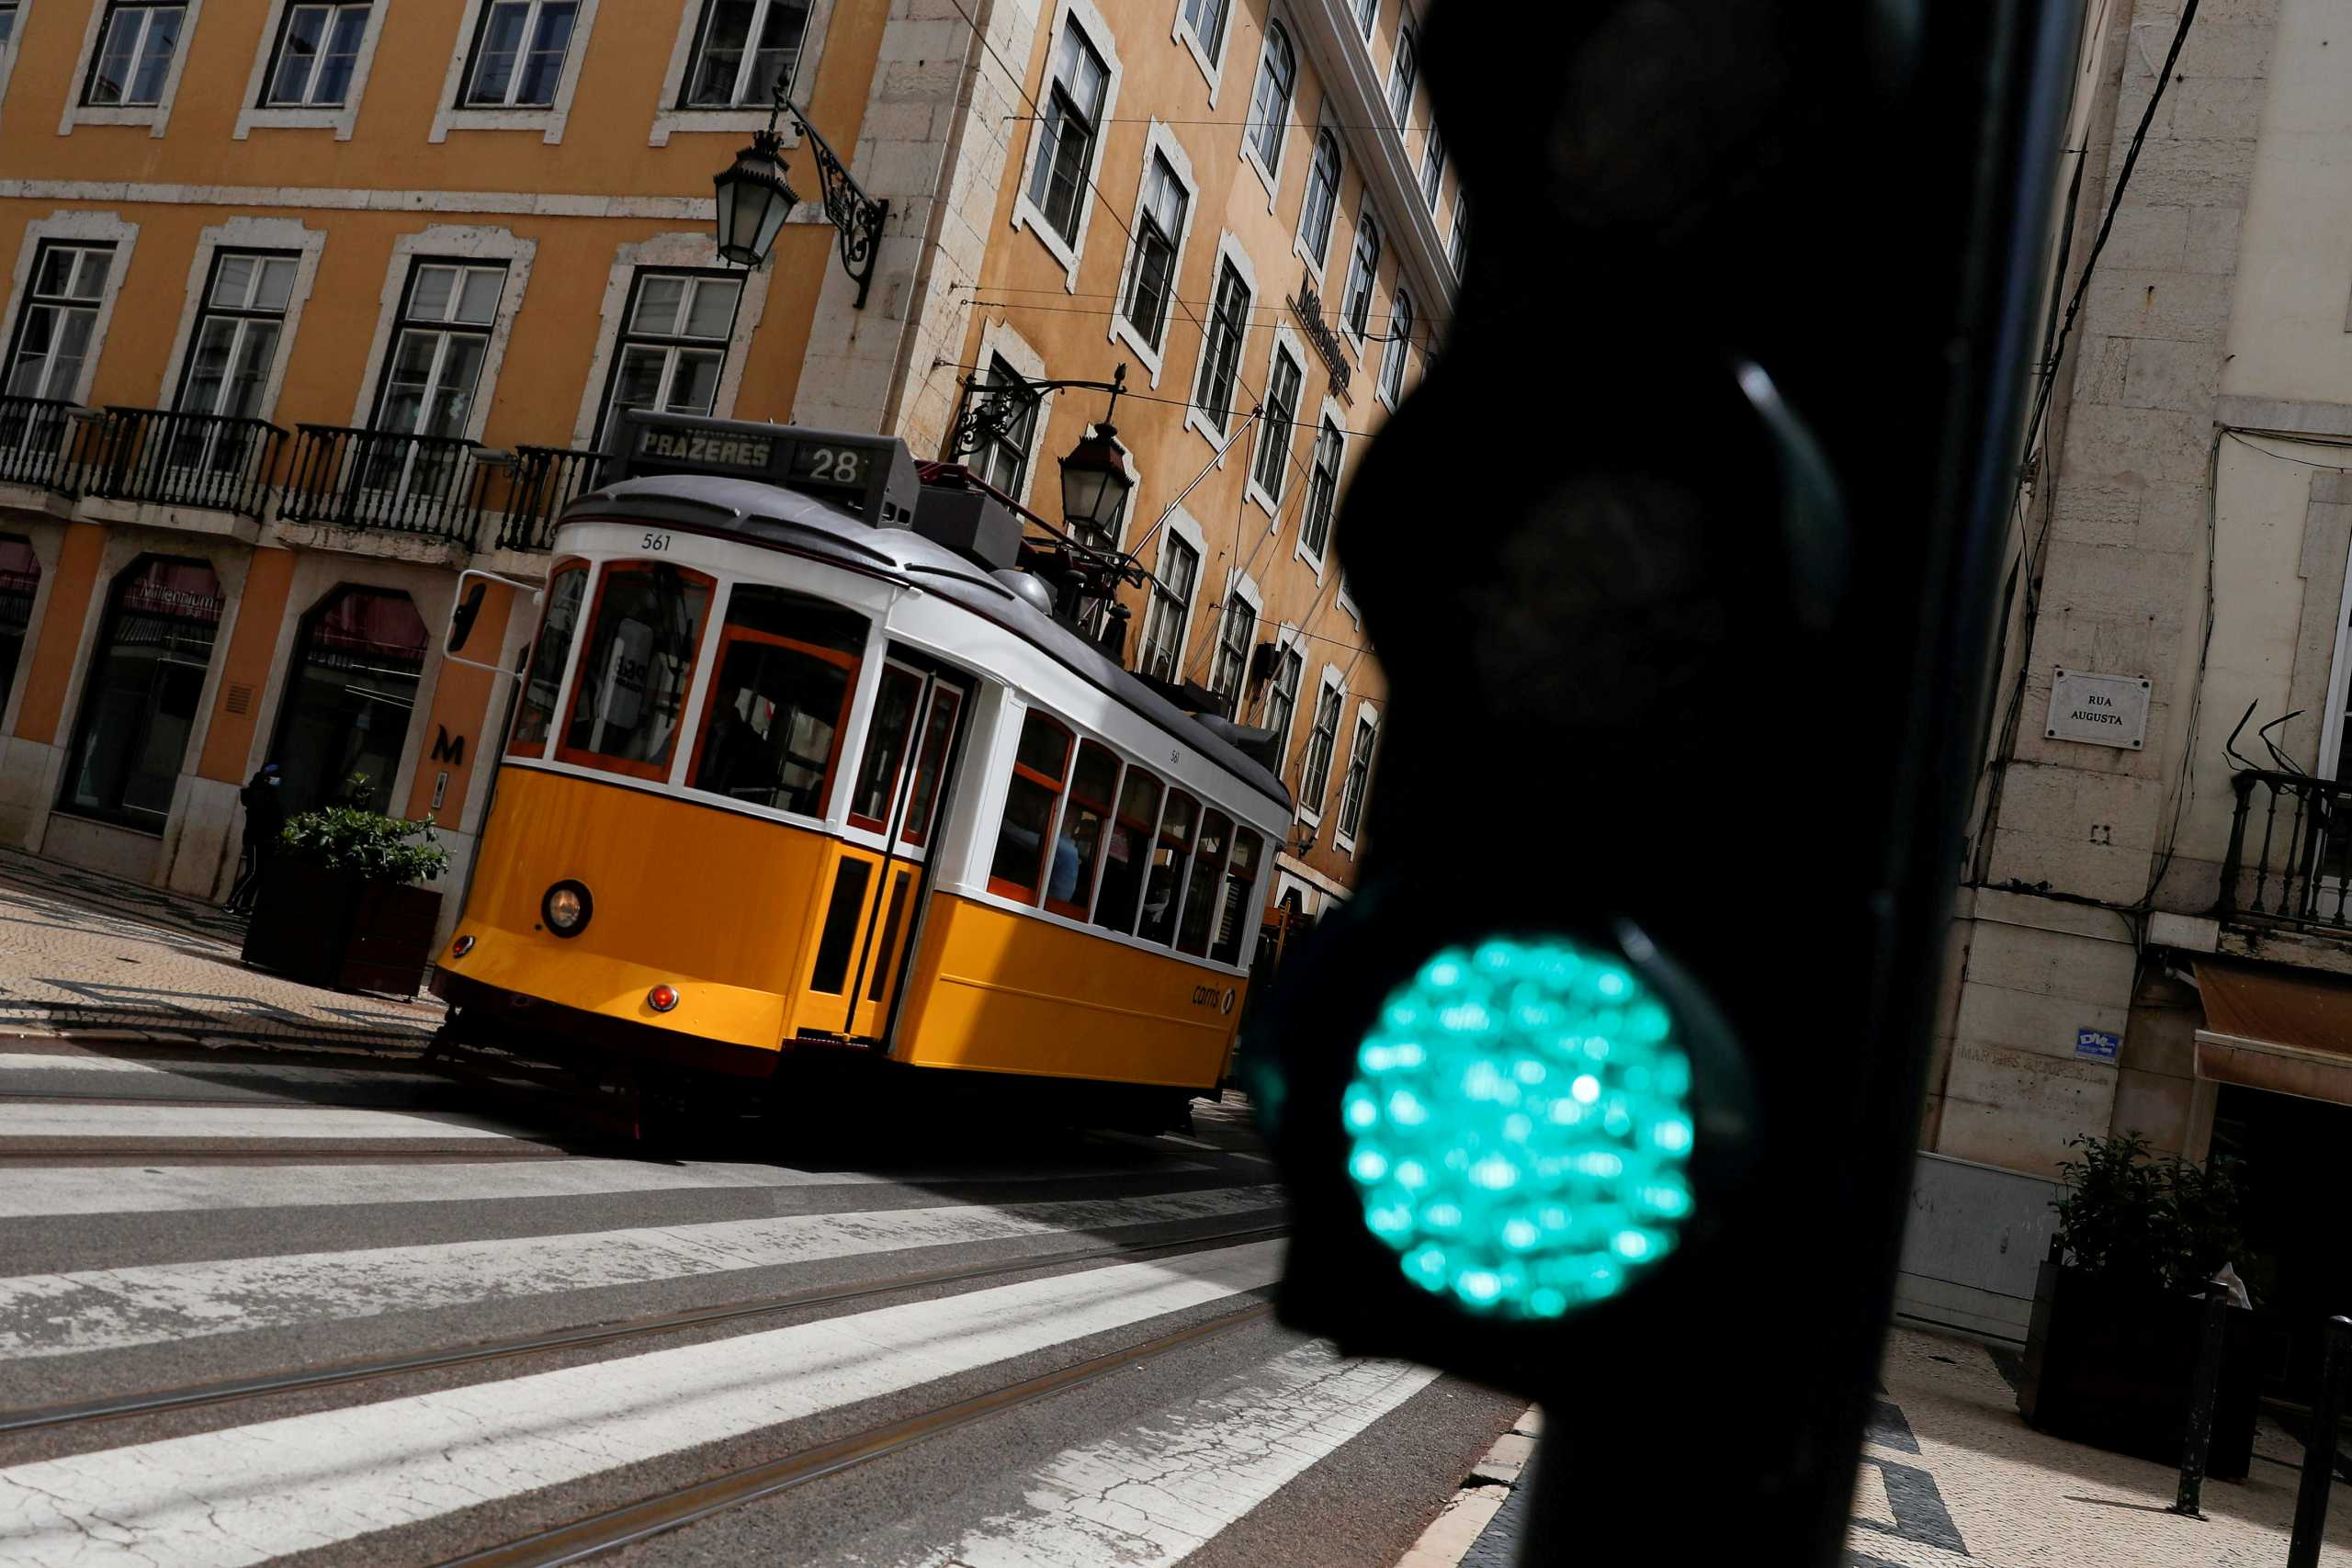 Πορτογαλία: Νέοι περιορισμοί μετά από την αύξηση των κρουσμάτων κορονοϊού